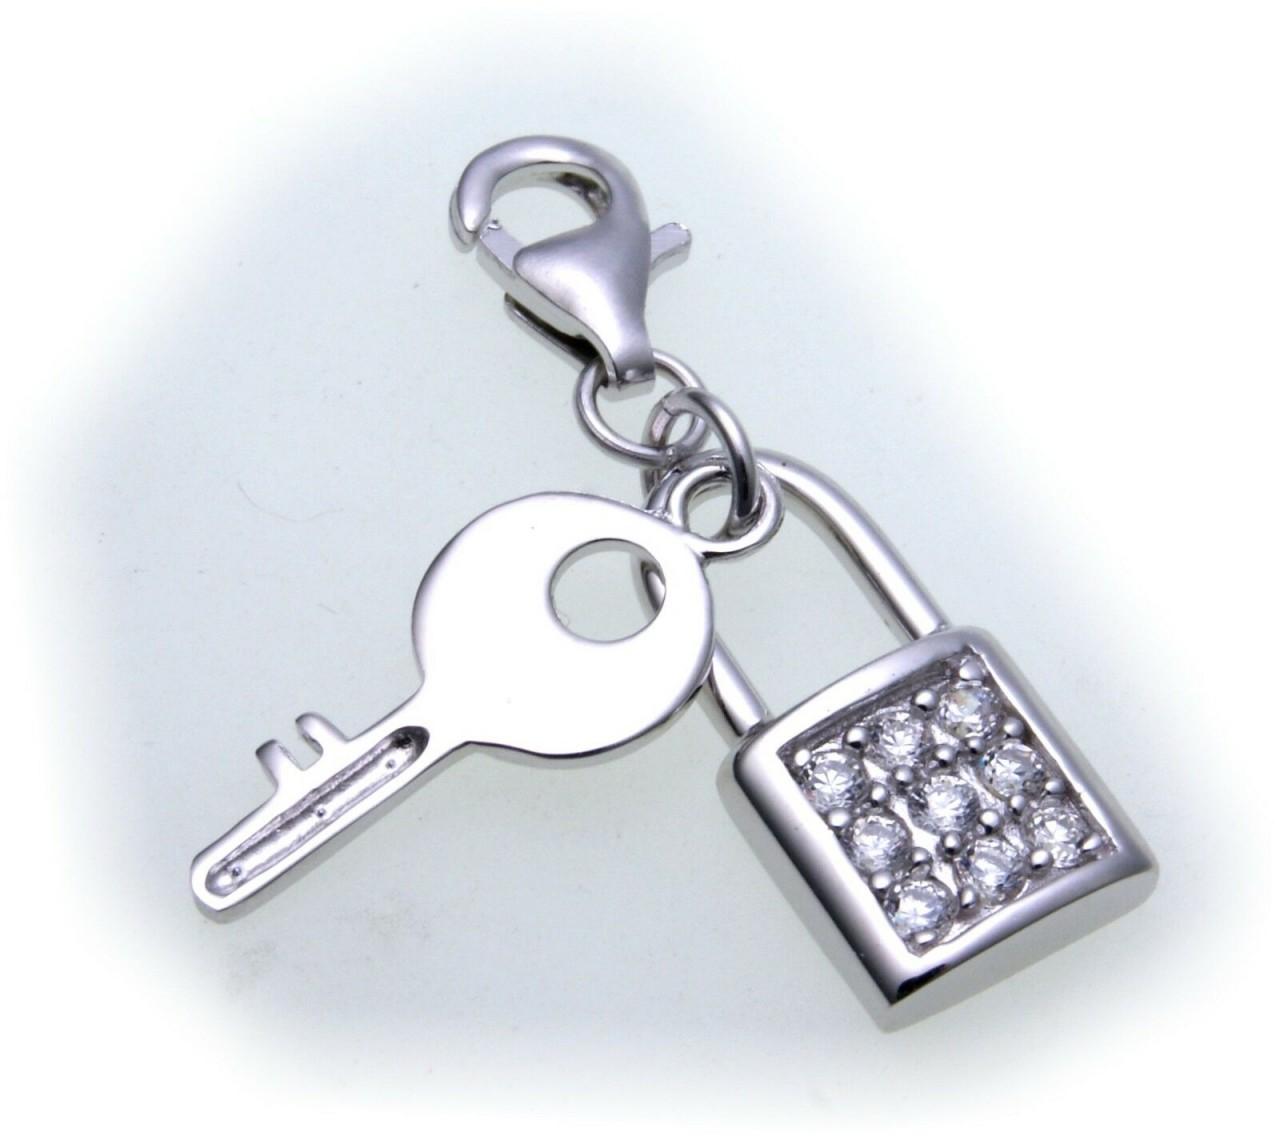 Charm Schloß mit Schlüssel Zirkonia echt Silber 925 Bettelarmband Vorhängeschloß